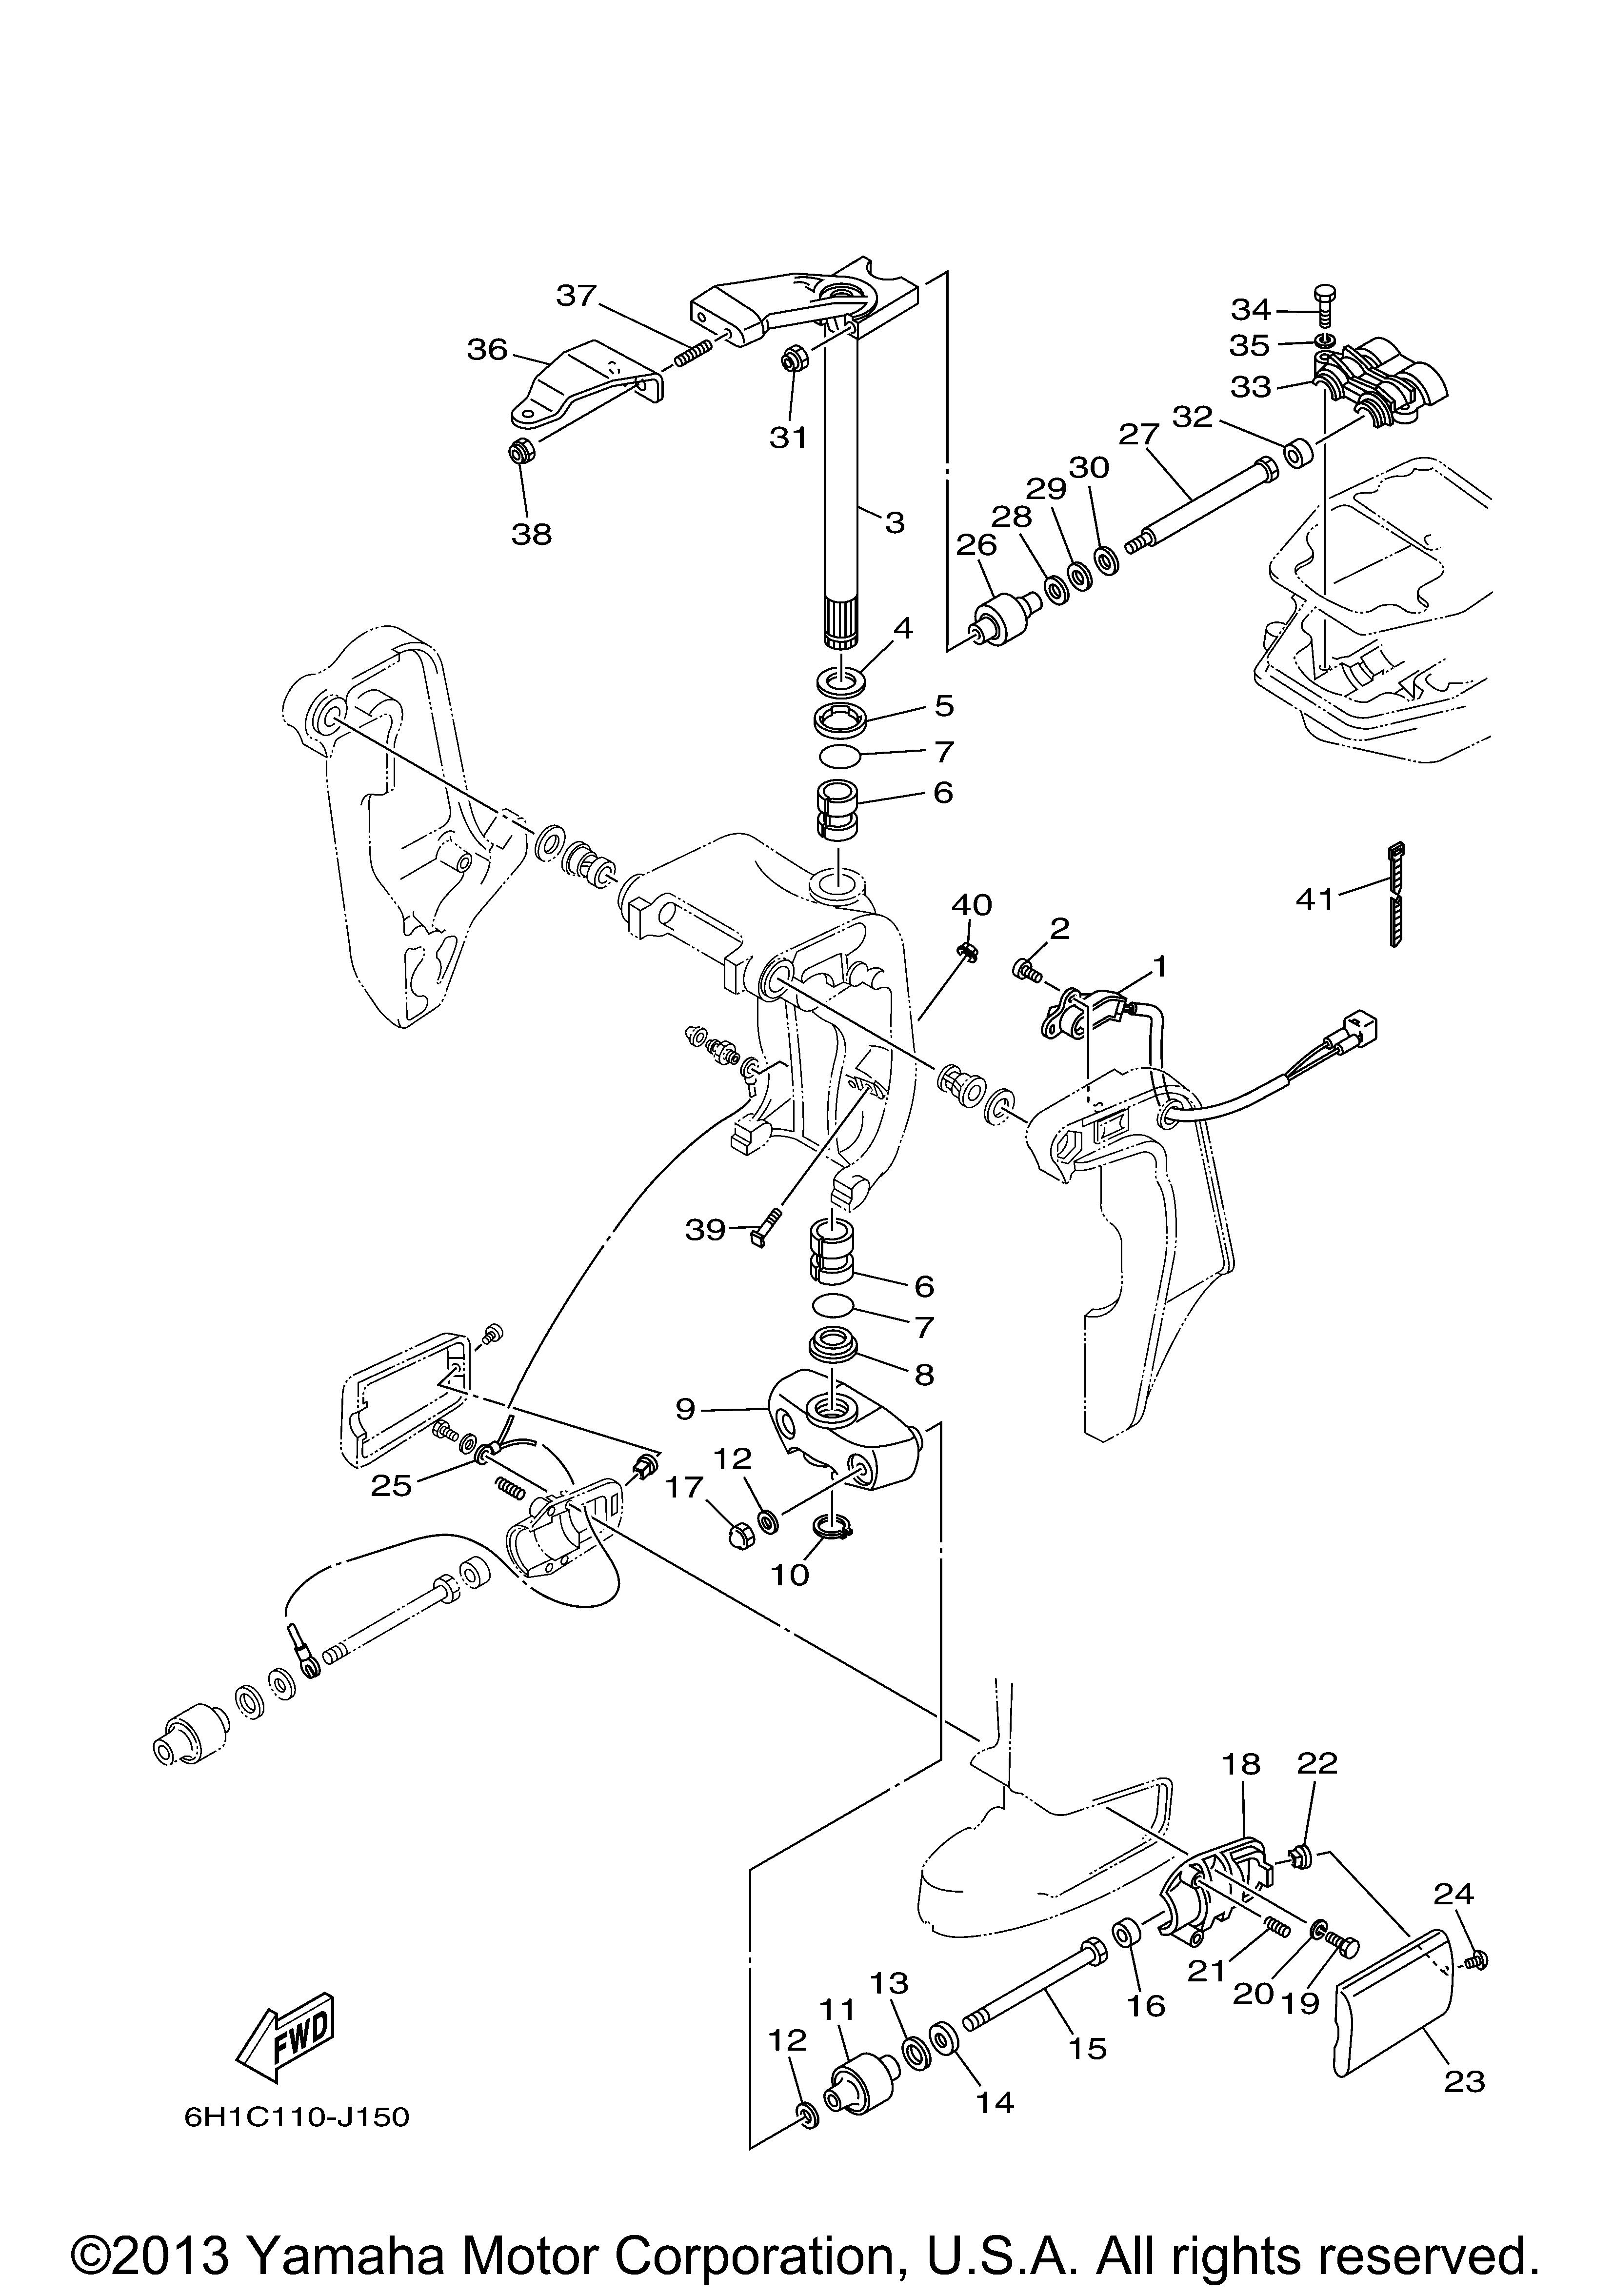 yamaha 90tlr wiring diagram wiring diagram yamaha pw50 wiring-diagram yamaha 90tlr wiring diagram #15